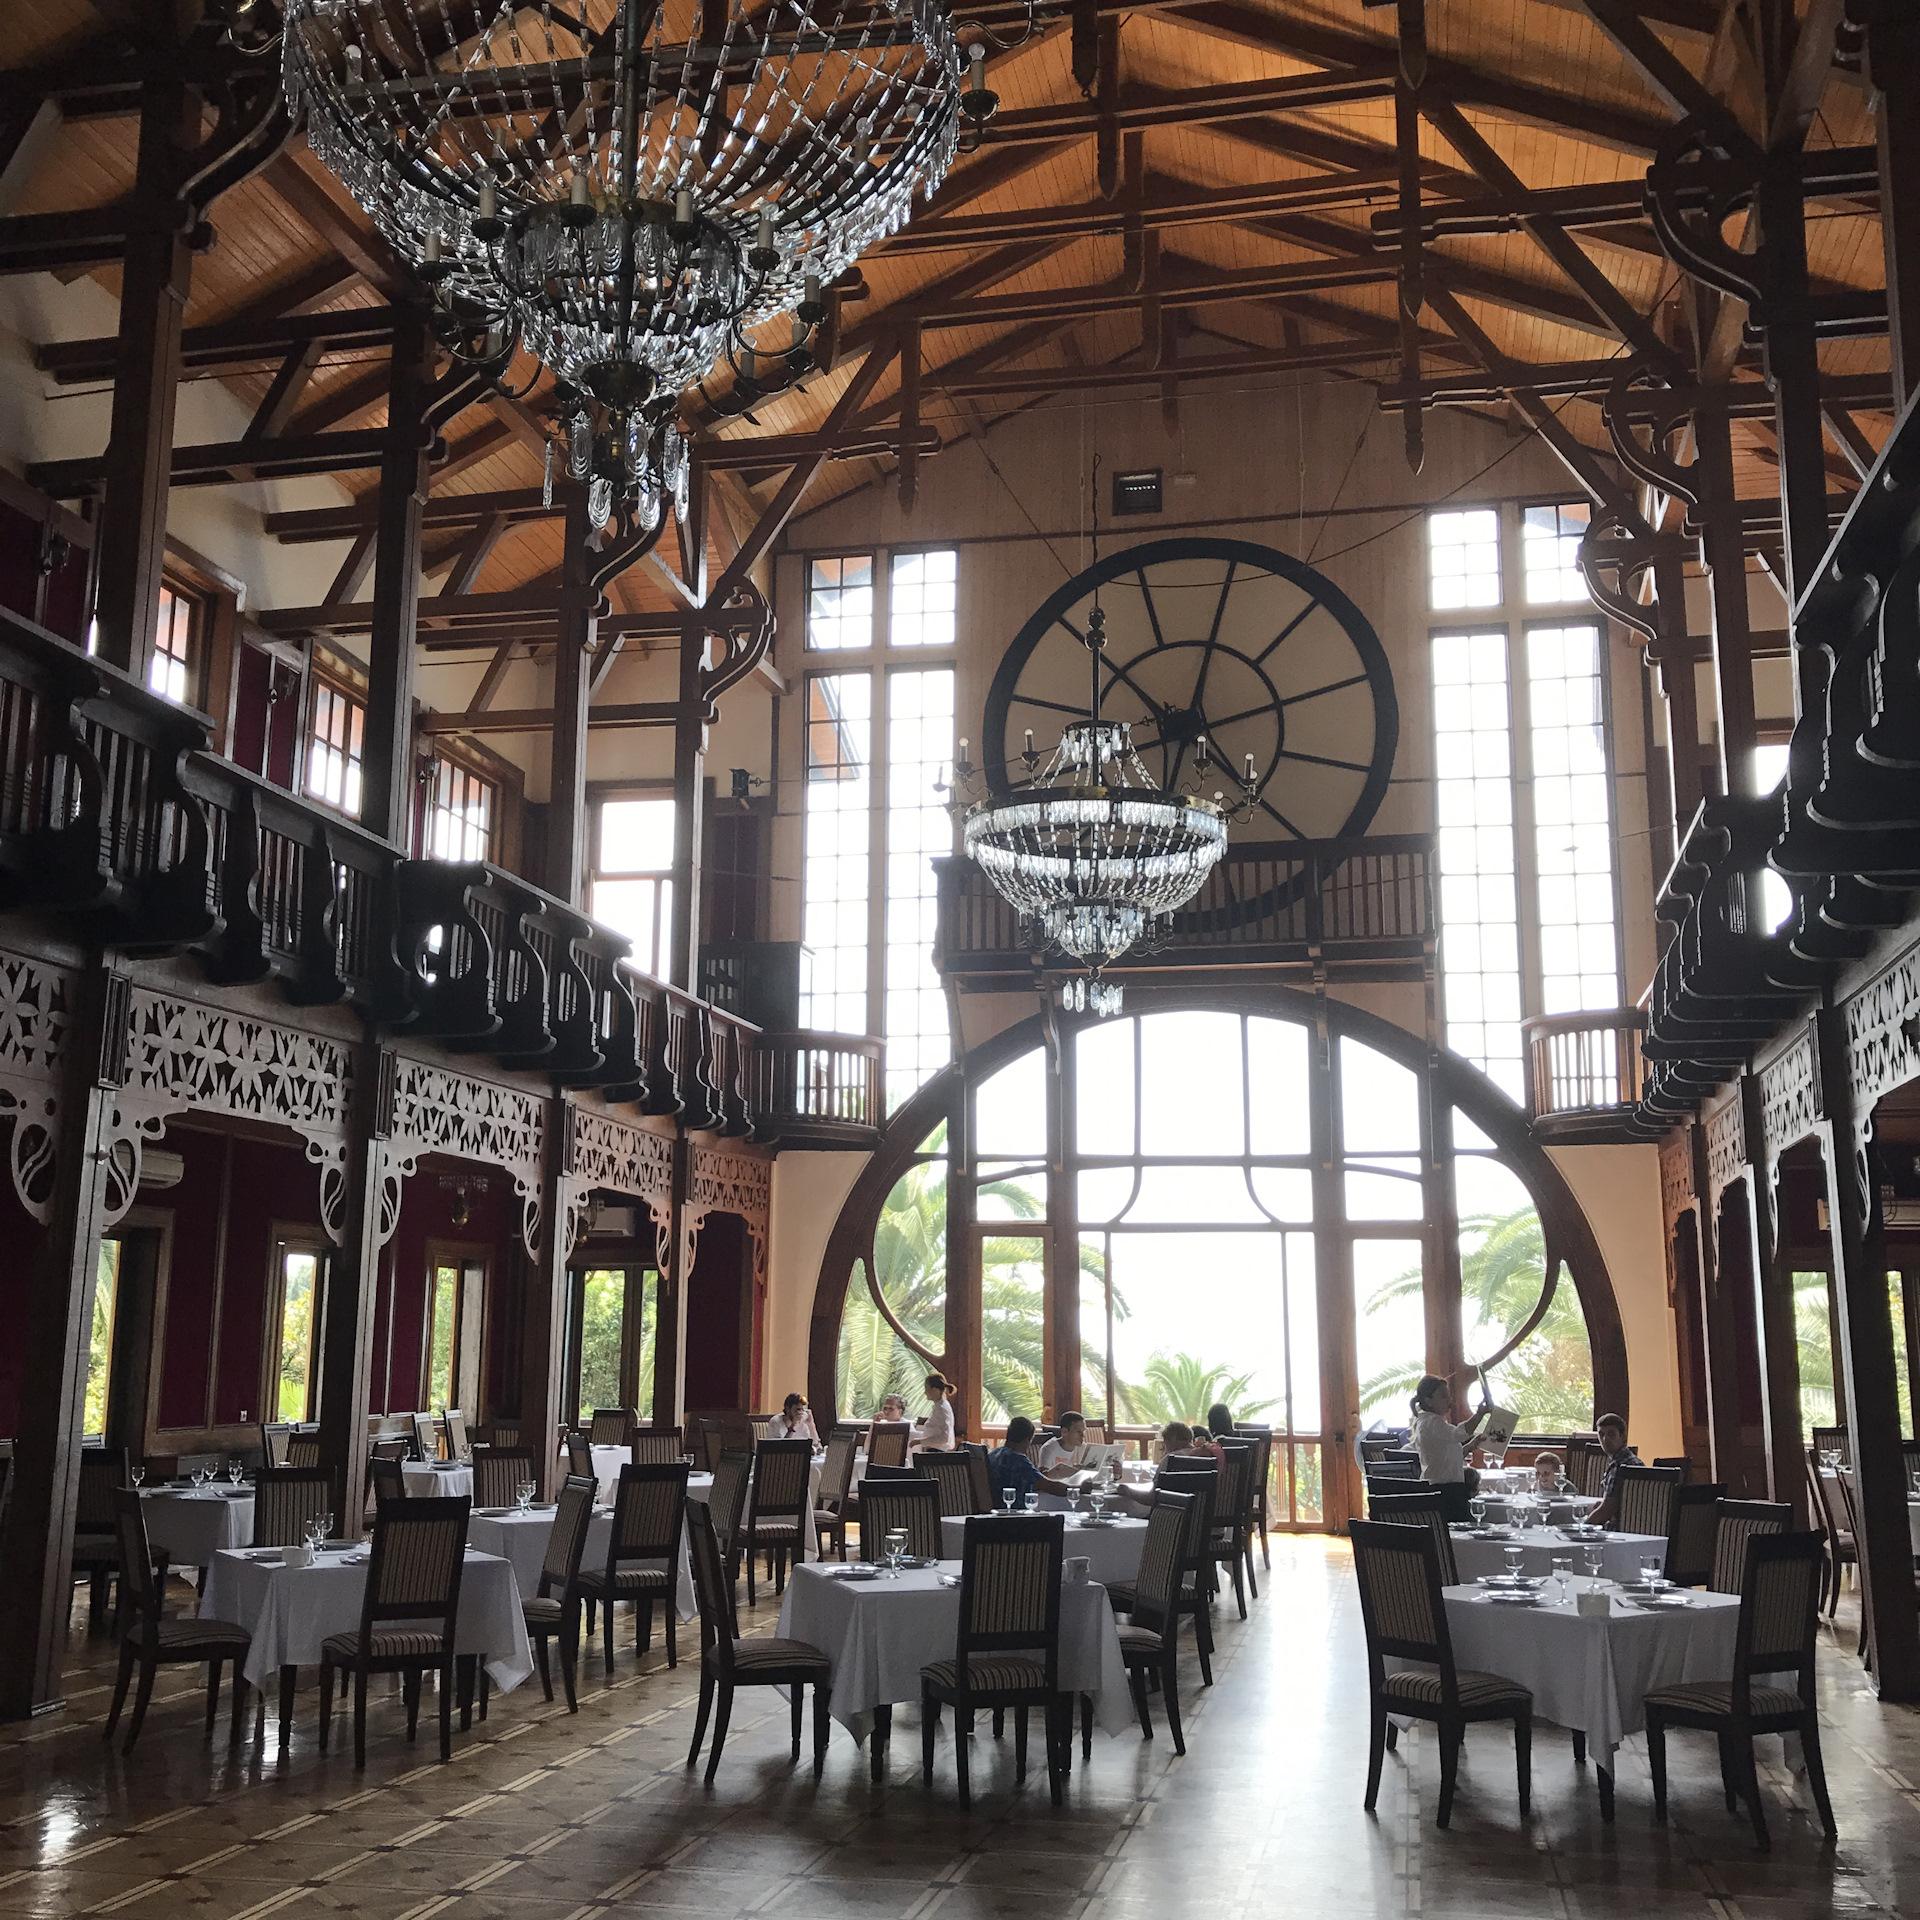 Ресторан абхазия в москве фото всего пользуется